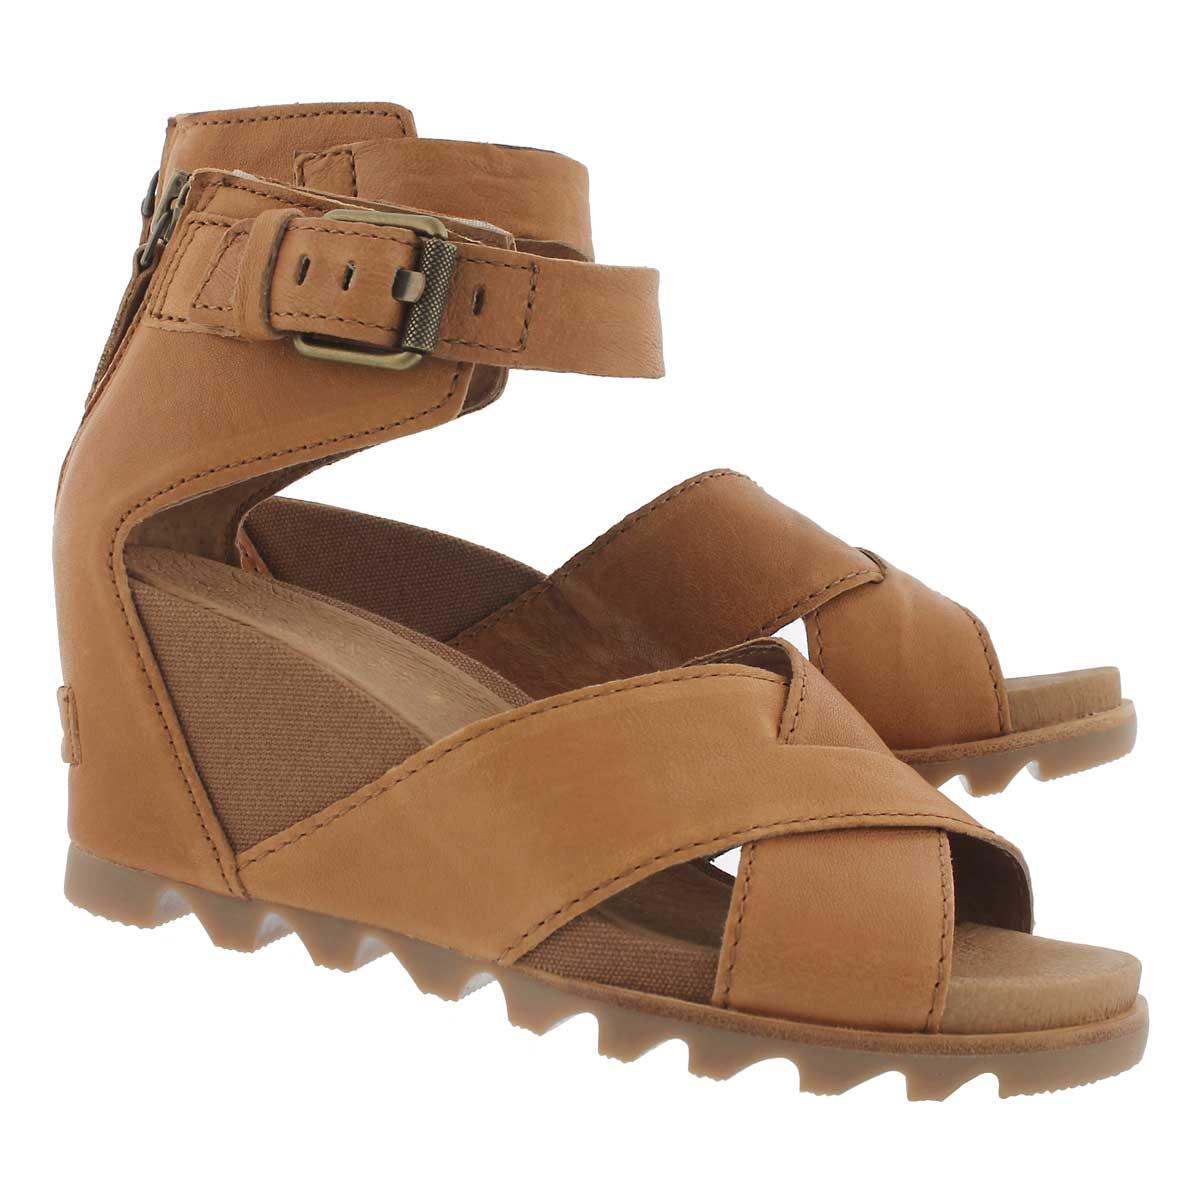 Lds Joanie II camel brn wedge sandal